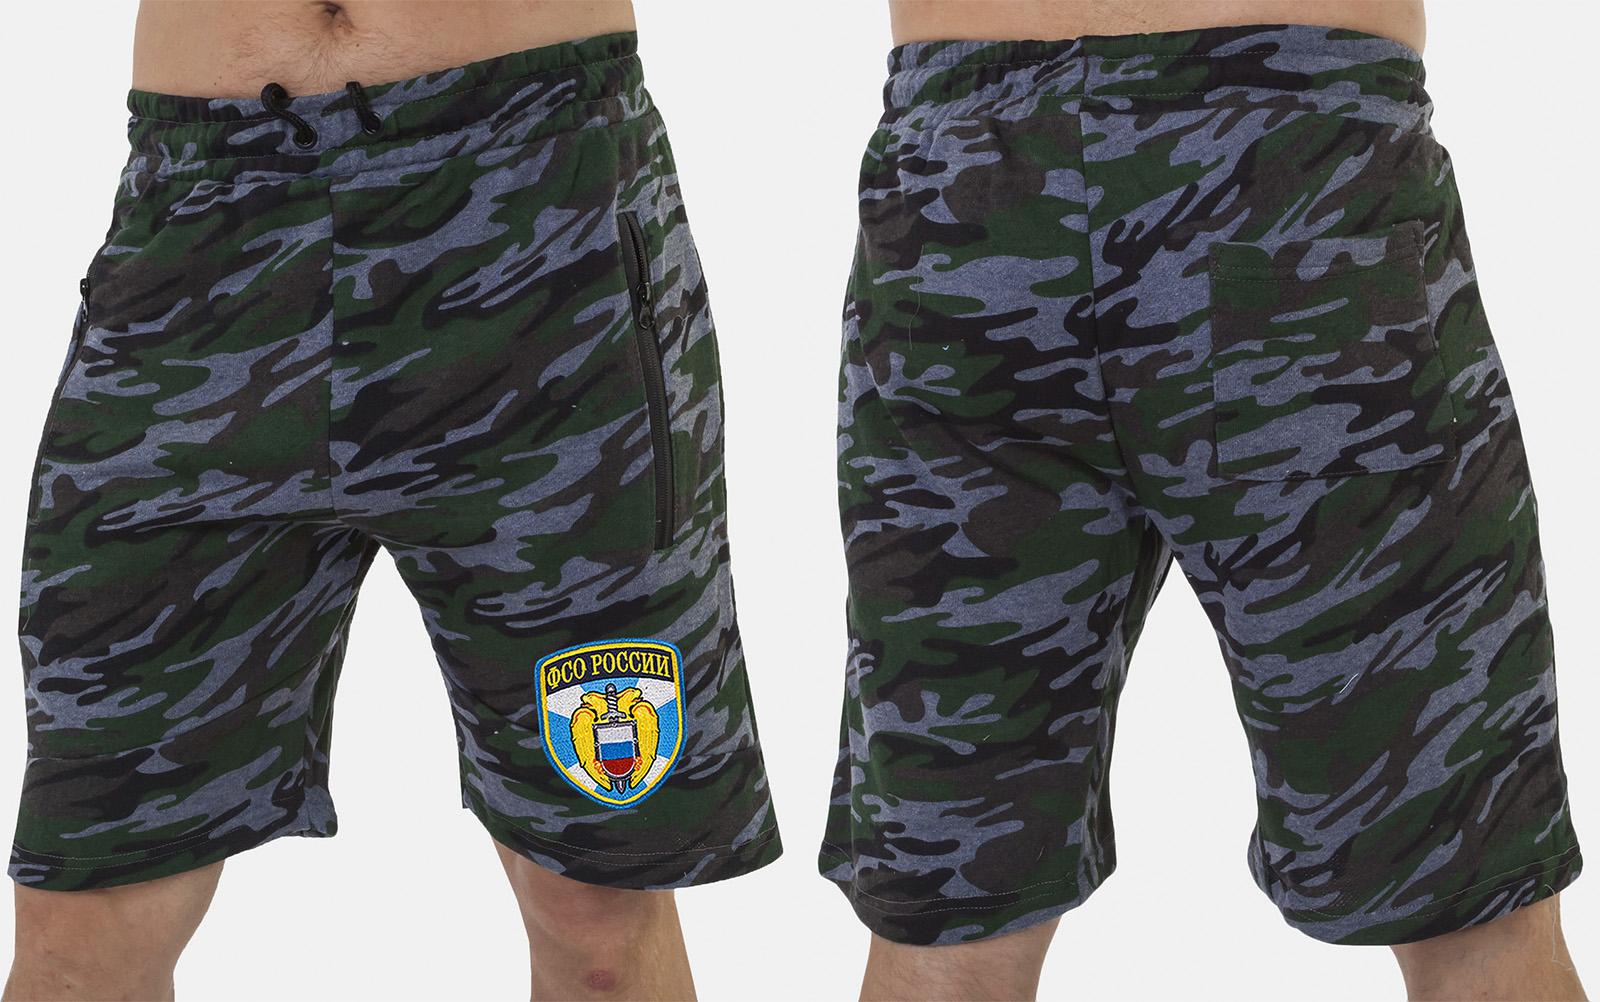 Камуфляжные милитари шорты с нашивкой ФСО - заказать выгодно